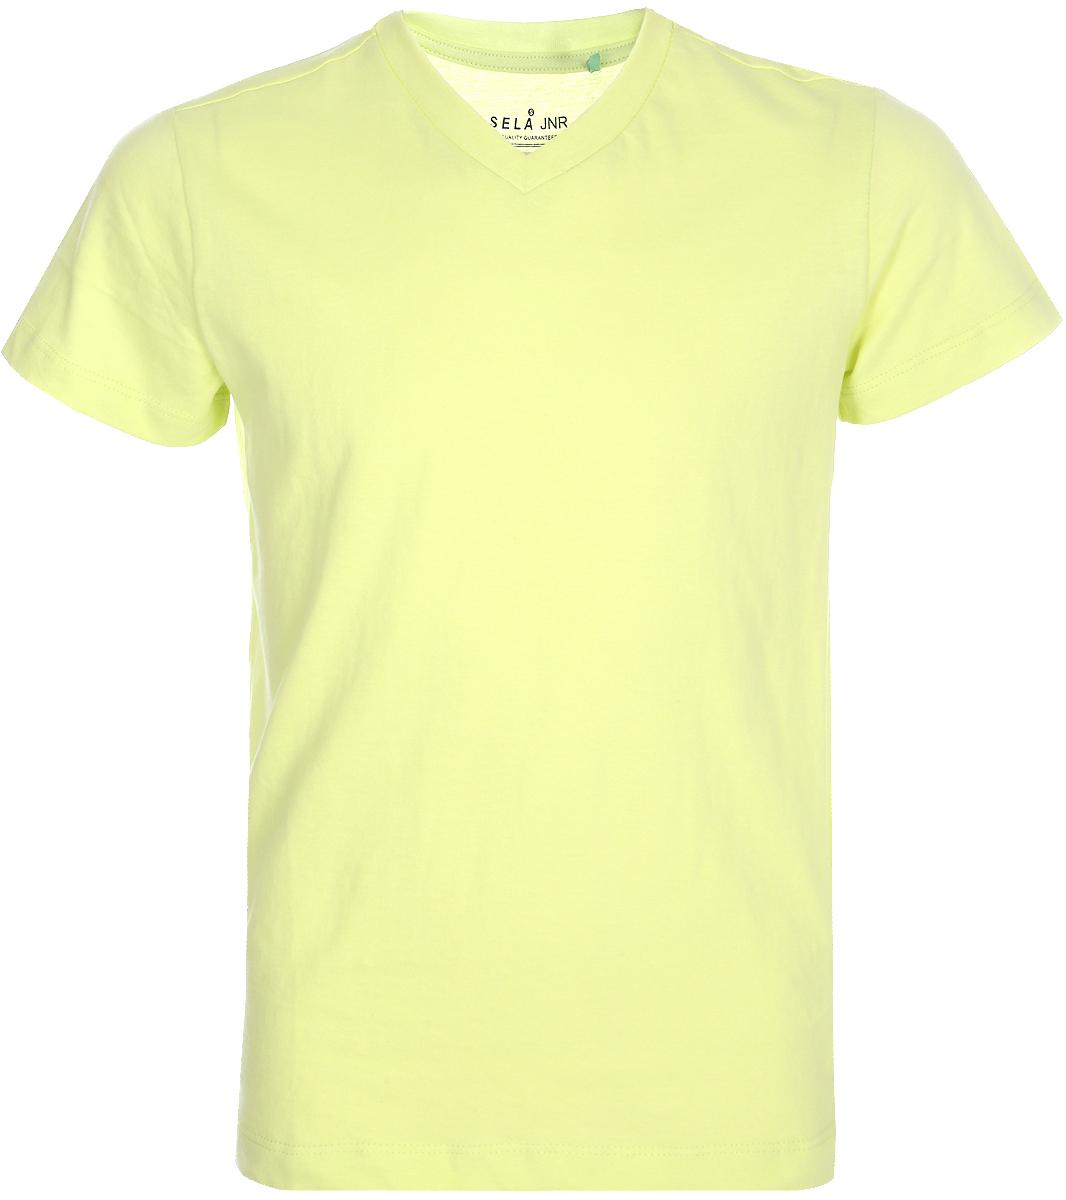 Футболка для мальчика Sela, цвет: желтый. Ts-811/303-8152. Размер 146Ts-811/303-8152Классическая футболка для мальчика Sela станет отличным дополнением к повседневному гардеробу. Модель прямого кроя с короткими рукавами и V-образным вырезом горловины изготовлена из натурального хлопка. Футболка подойдет для занятий спортом, прогулок и дружеских встреч.